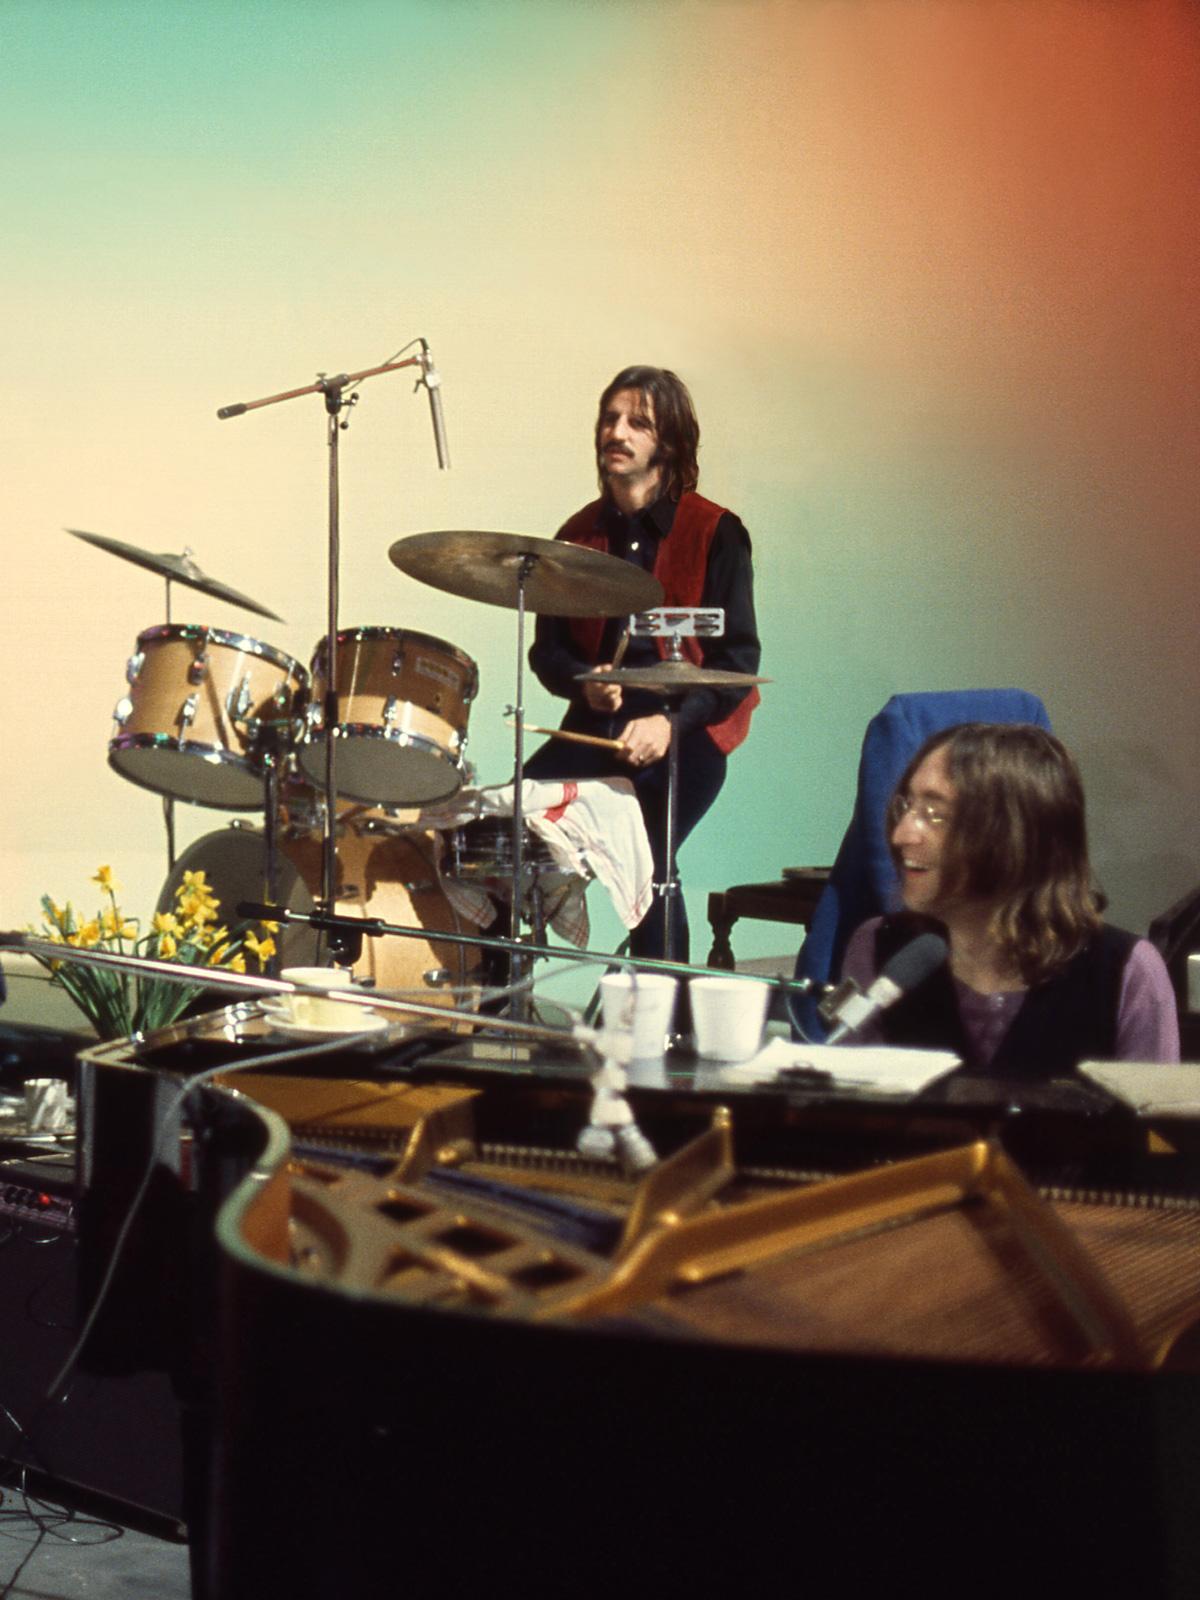 Cartel de The Beatles: Get Back - Foto 3 sobre 3 - SensaCine.com